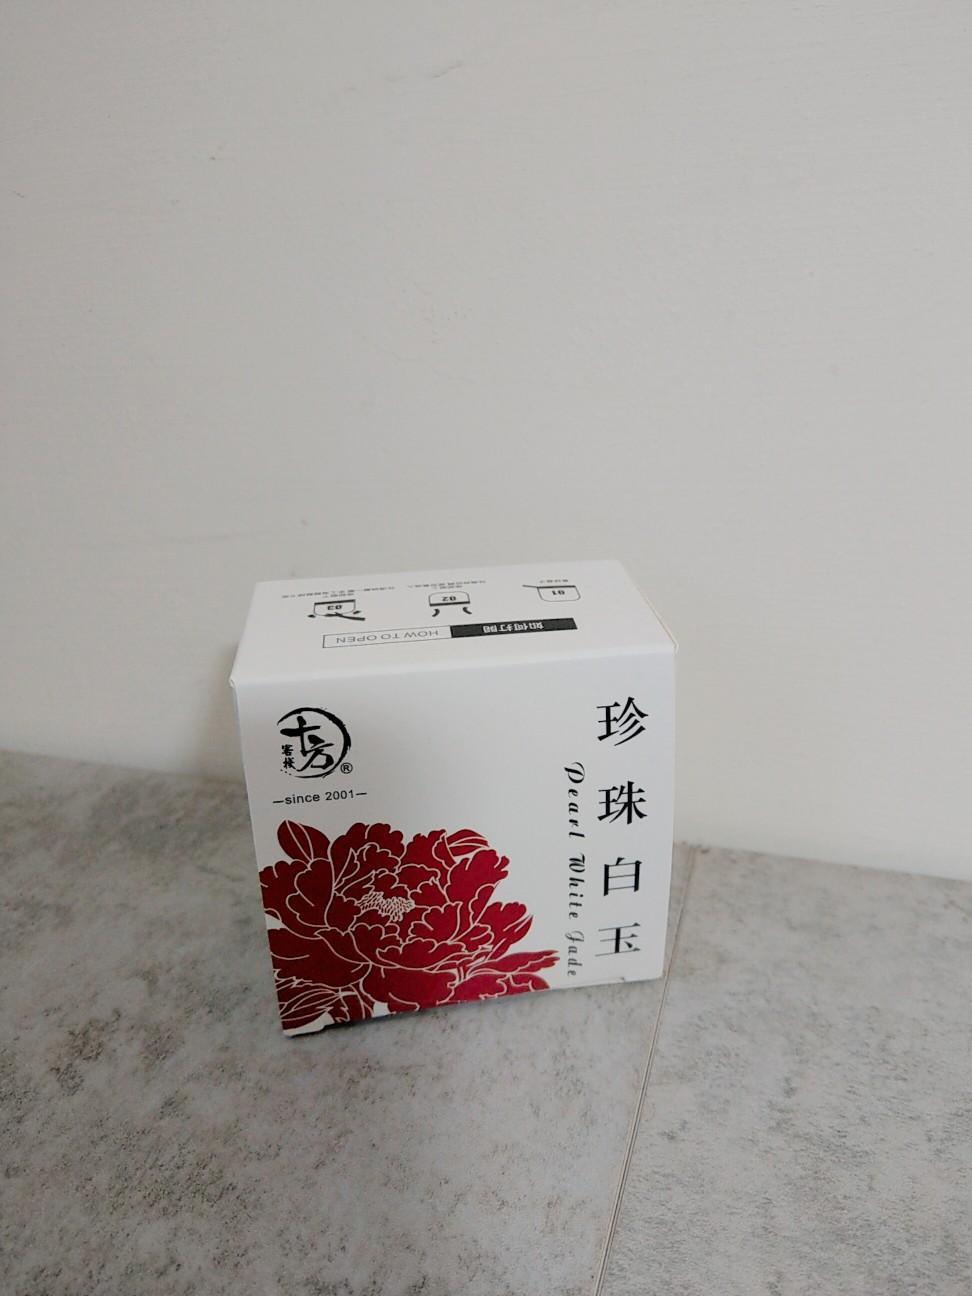 十方客棧 【珍珠白玉】嫩白調理洗面皂系列 細緻的觸感綿密的泡沫 體驗什麼是會說話的香皂-珍珠白玉 </p> </div><!-- .entry-content -->  </article><!-- #post-7857 -->  <nav class=